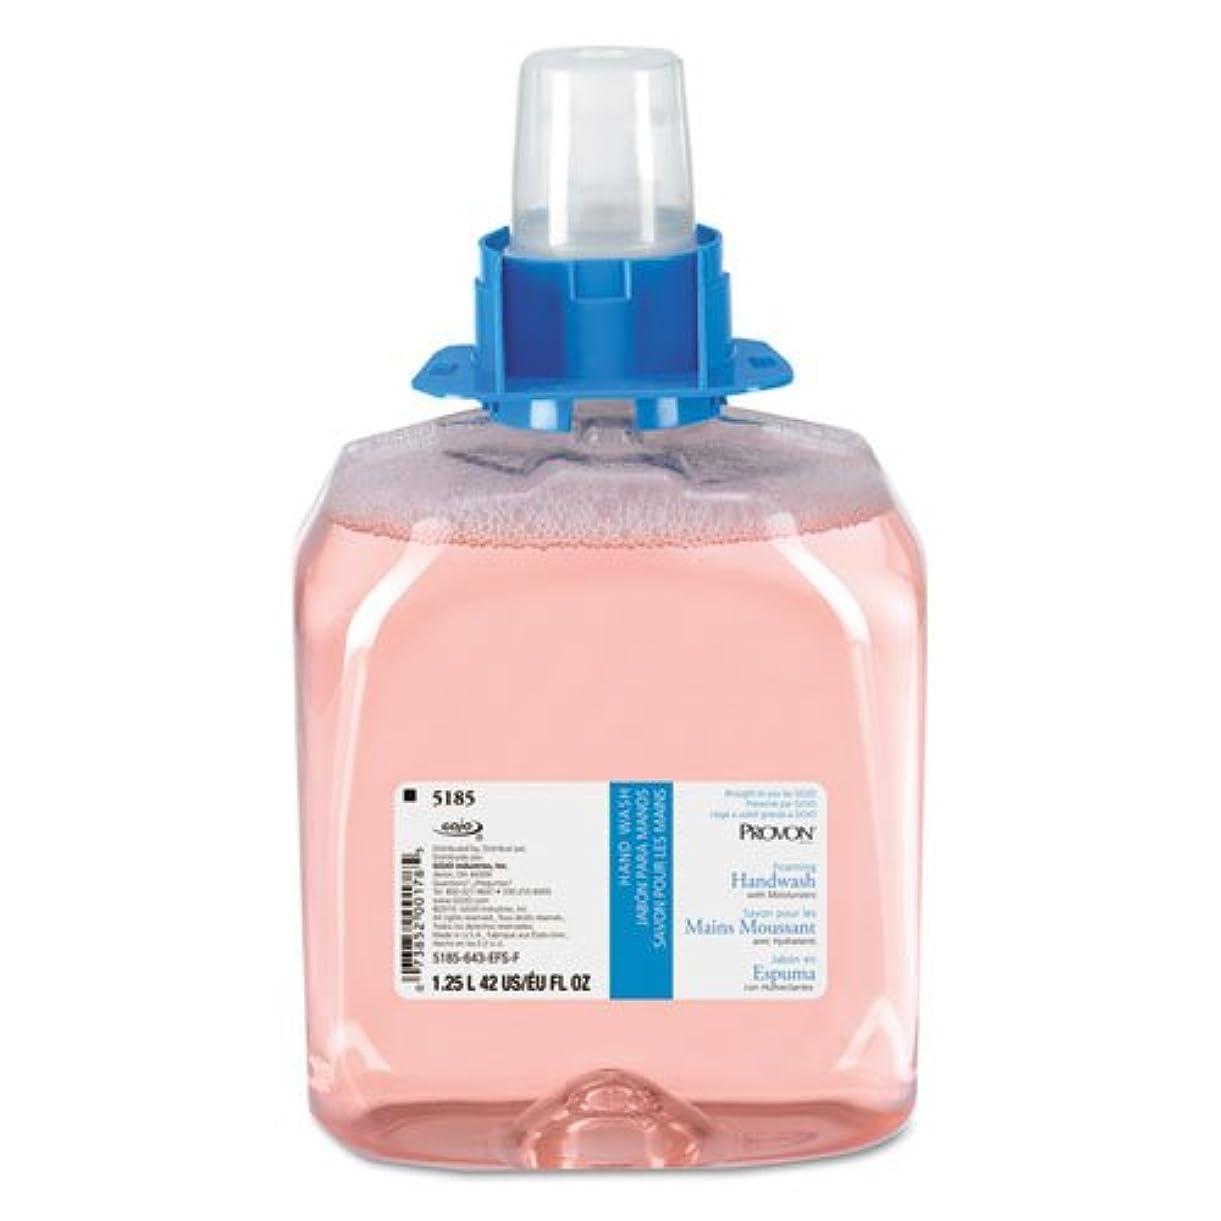 服飼い慣らすクレアgoj518503ct – GOJO PROVON fmx-12 Foaming Handwash Refill